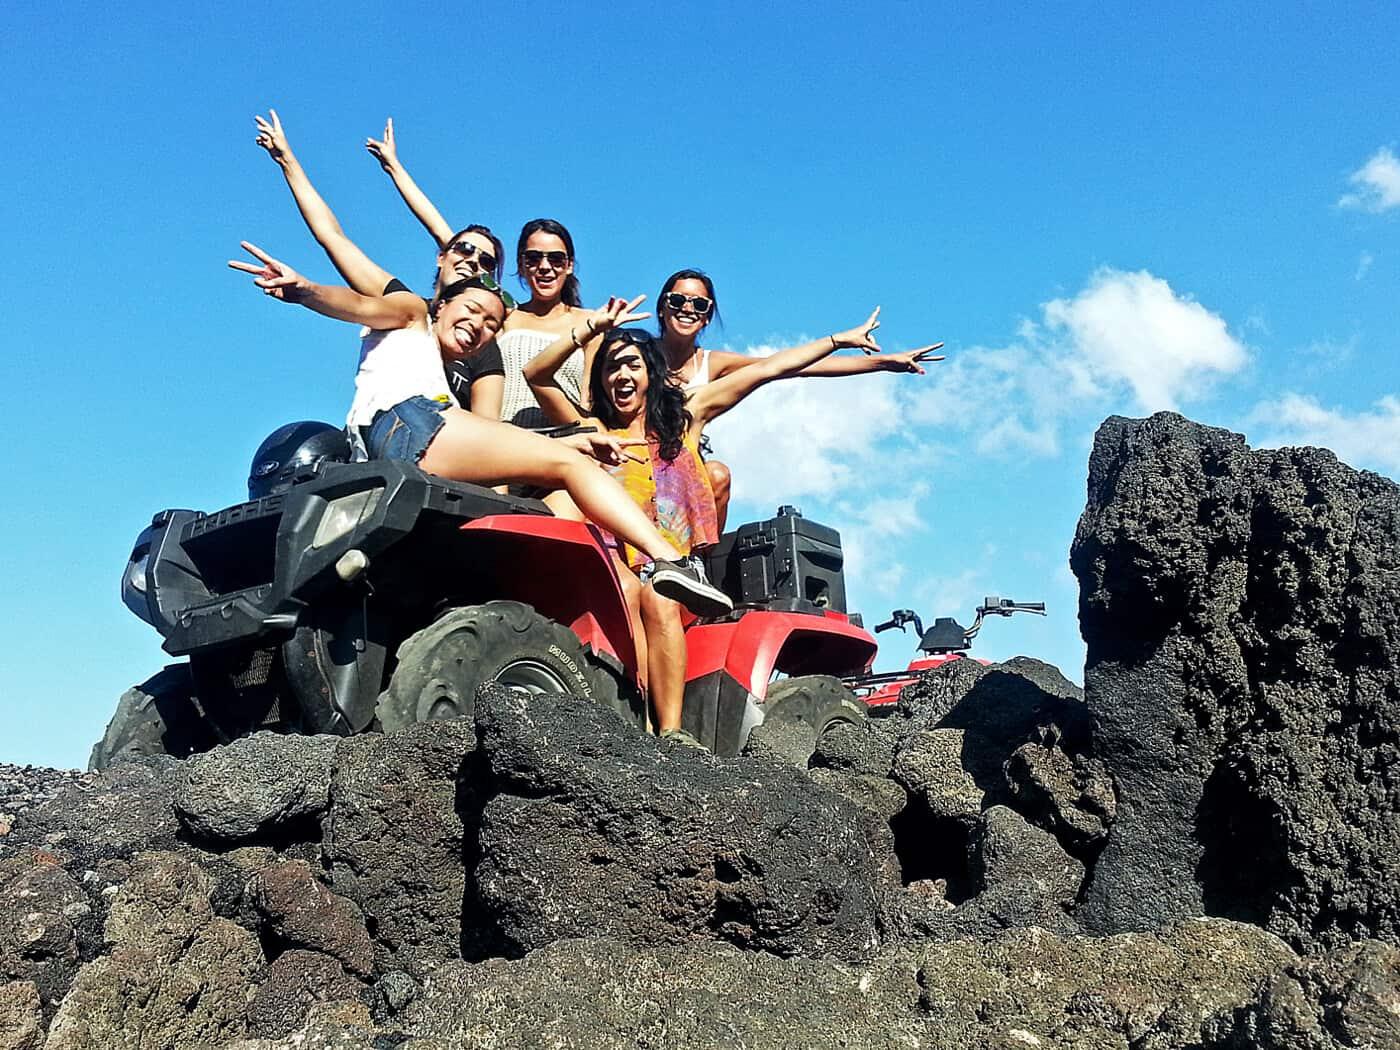 etna quad excursions divertimento